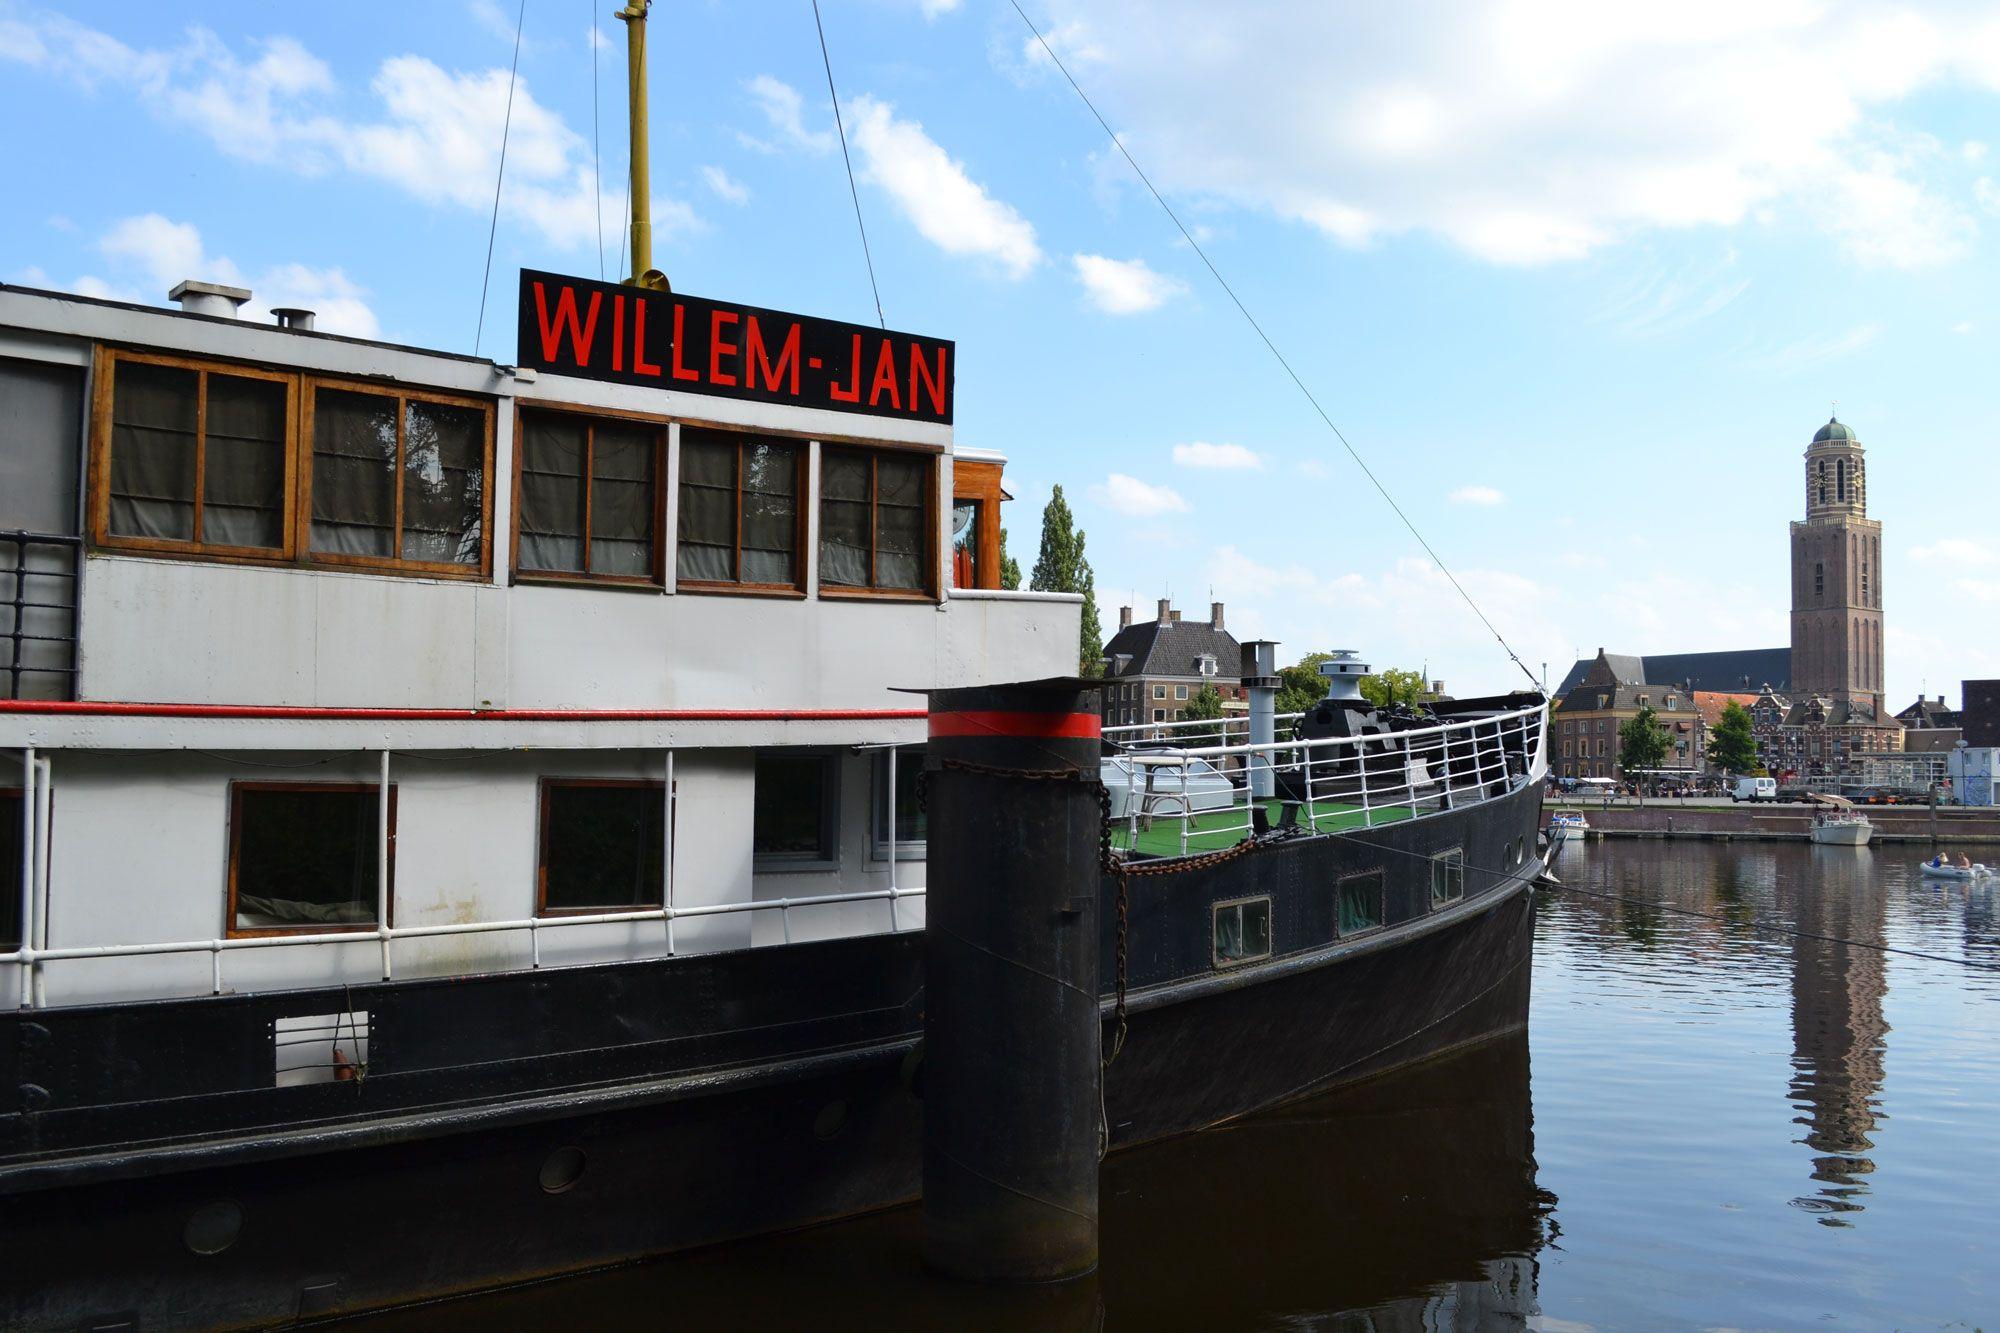 De voormalige Oosterschelde ligt momenteel als partyschip Willem-Jan te koop aan de Pannekoekendijk in Zwolle. (Beeldbank SCEZ)